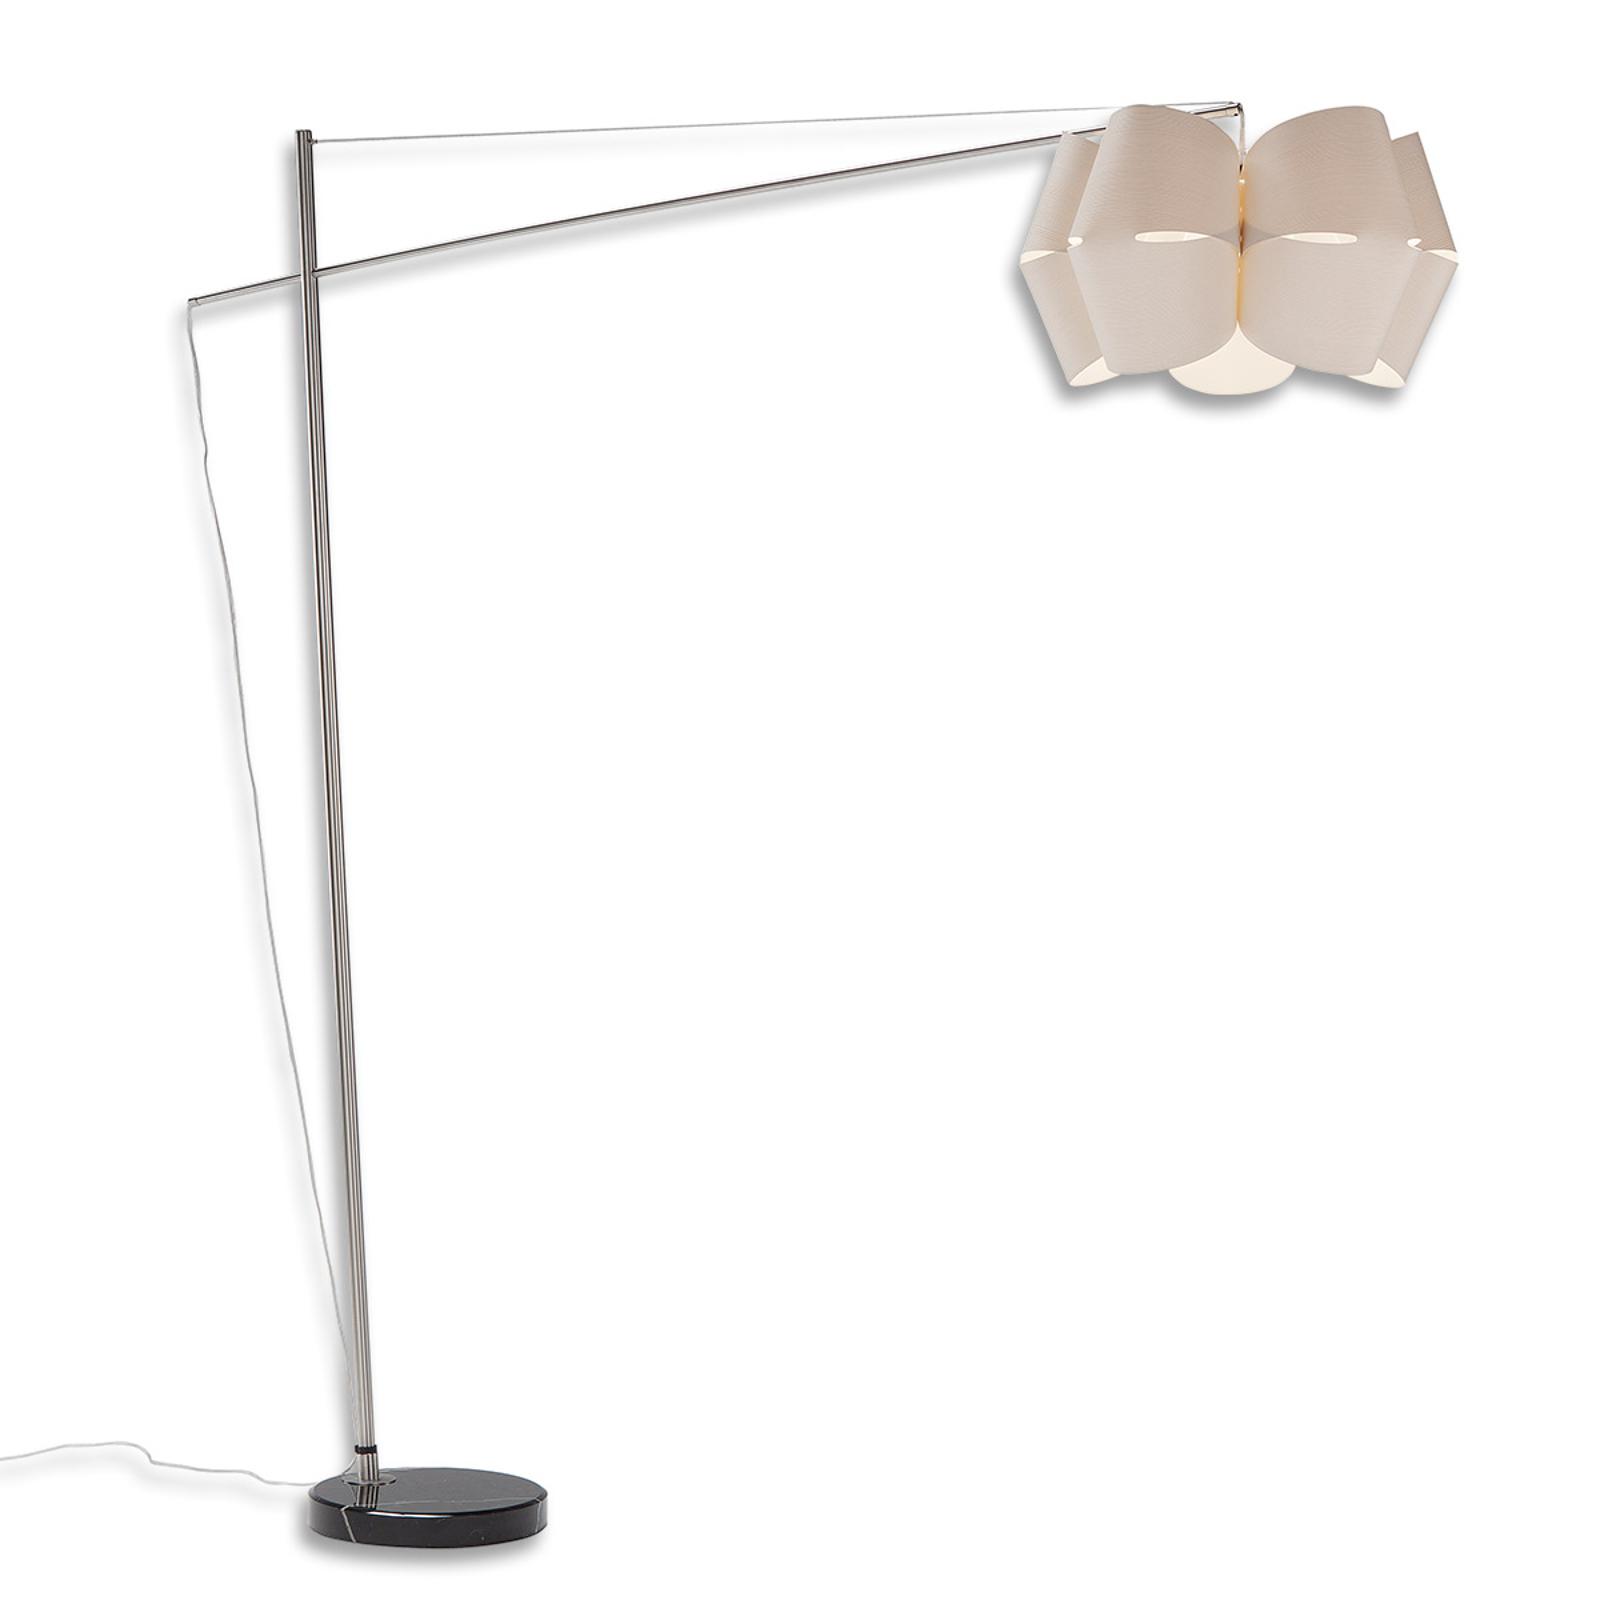 Lampa podłogowa Bridge z białego drewna modrzewia